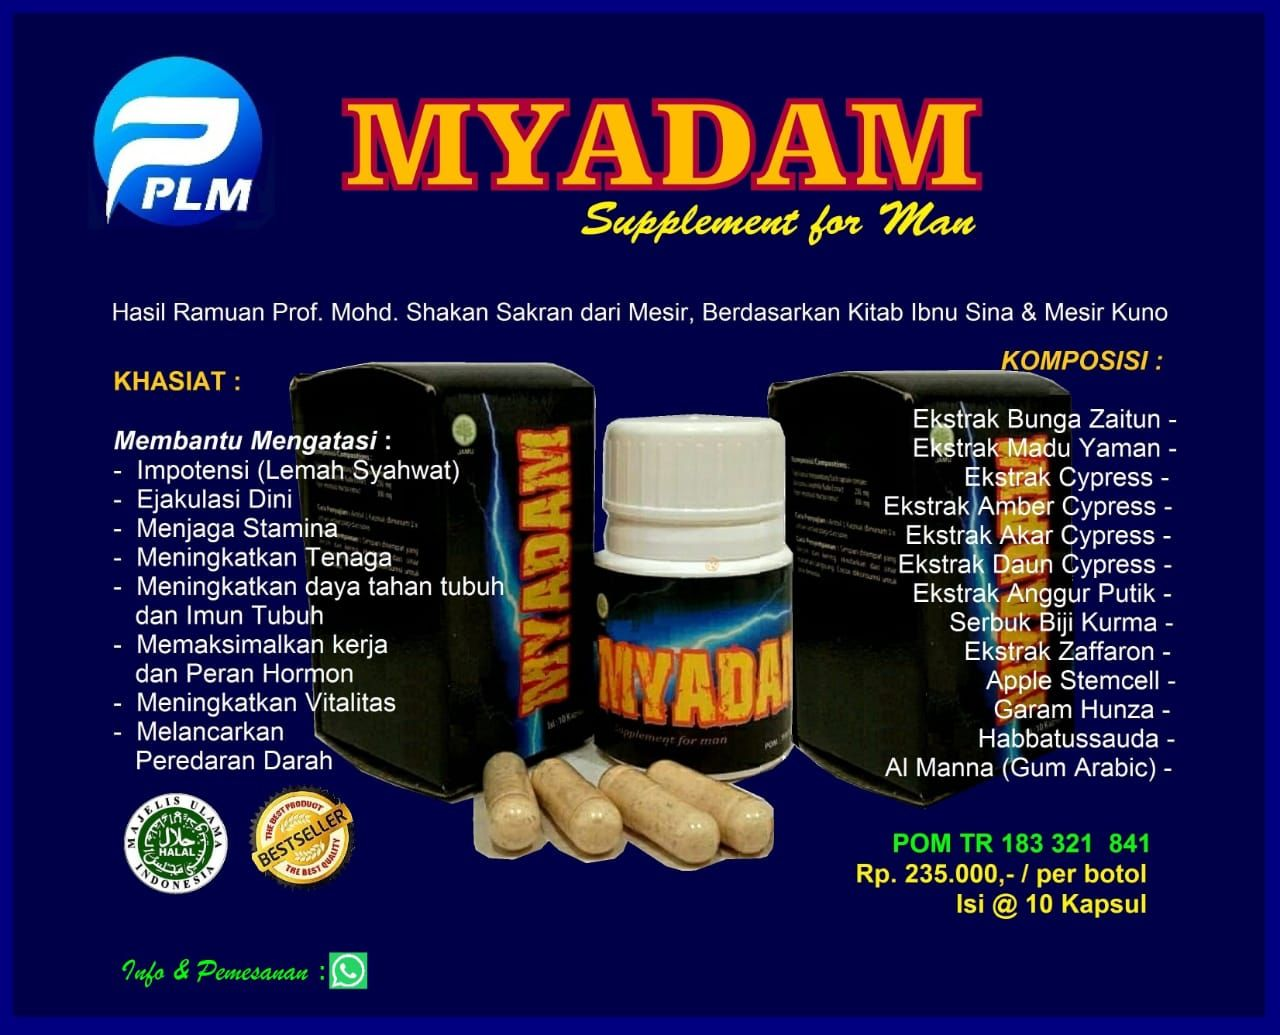 MyAdam | Mengobati Impotensi & Ejakulasi Dini